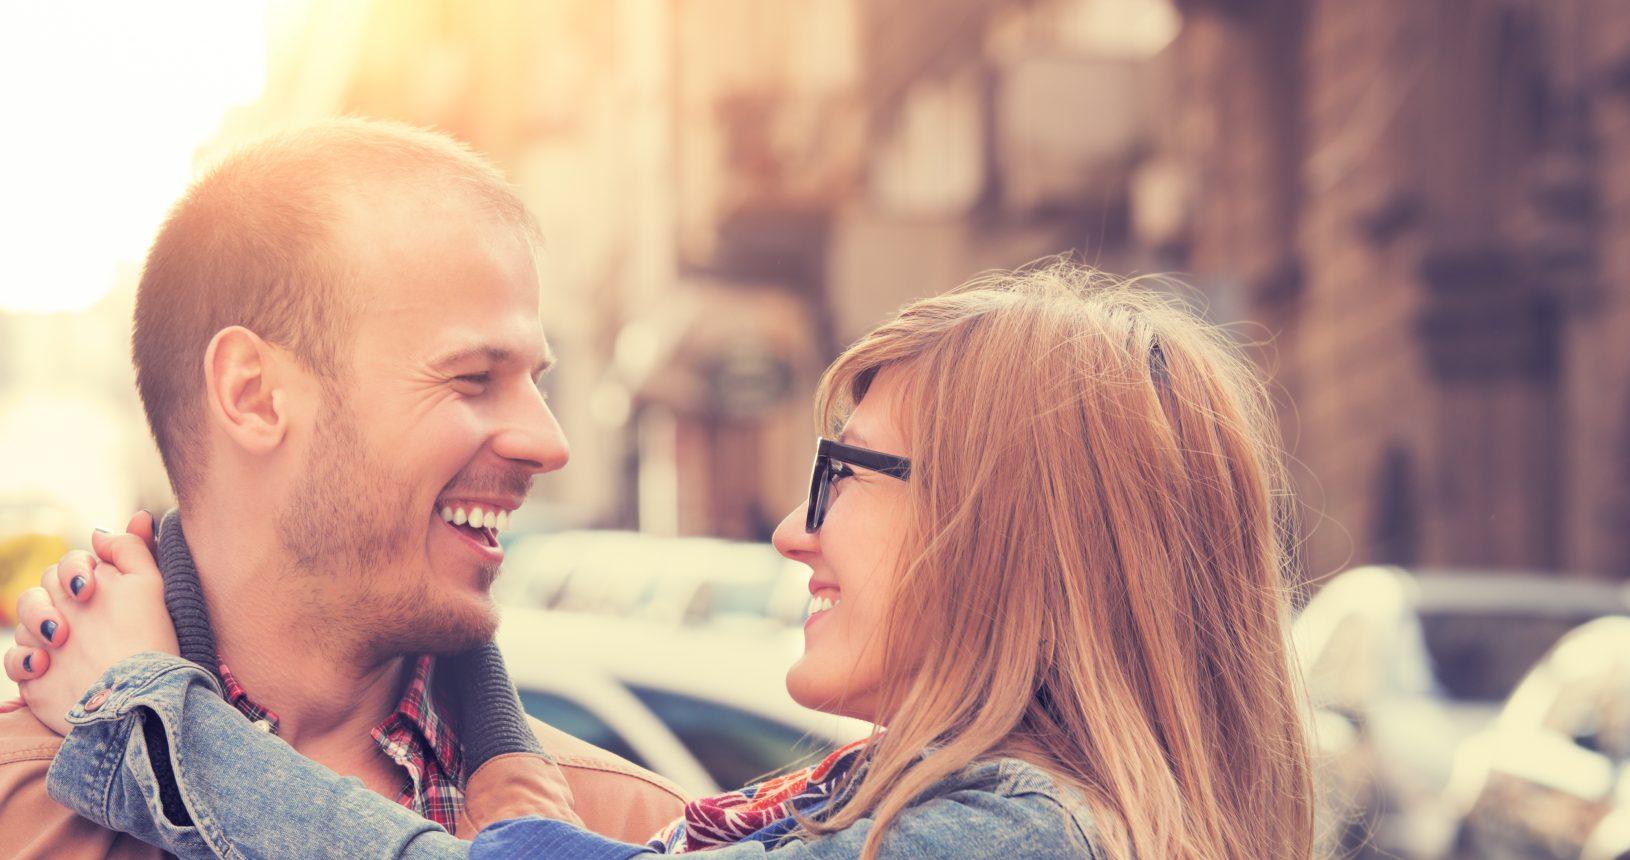 Diplomado abordaje existencial de la pareja